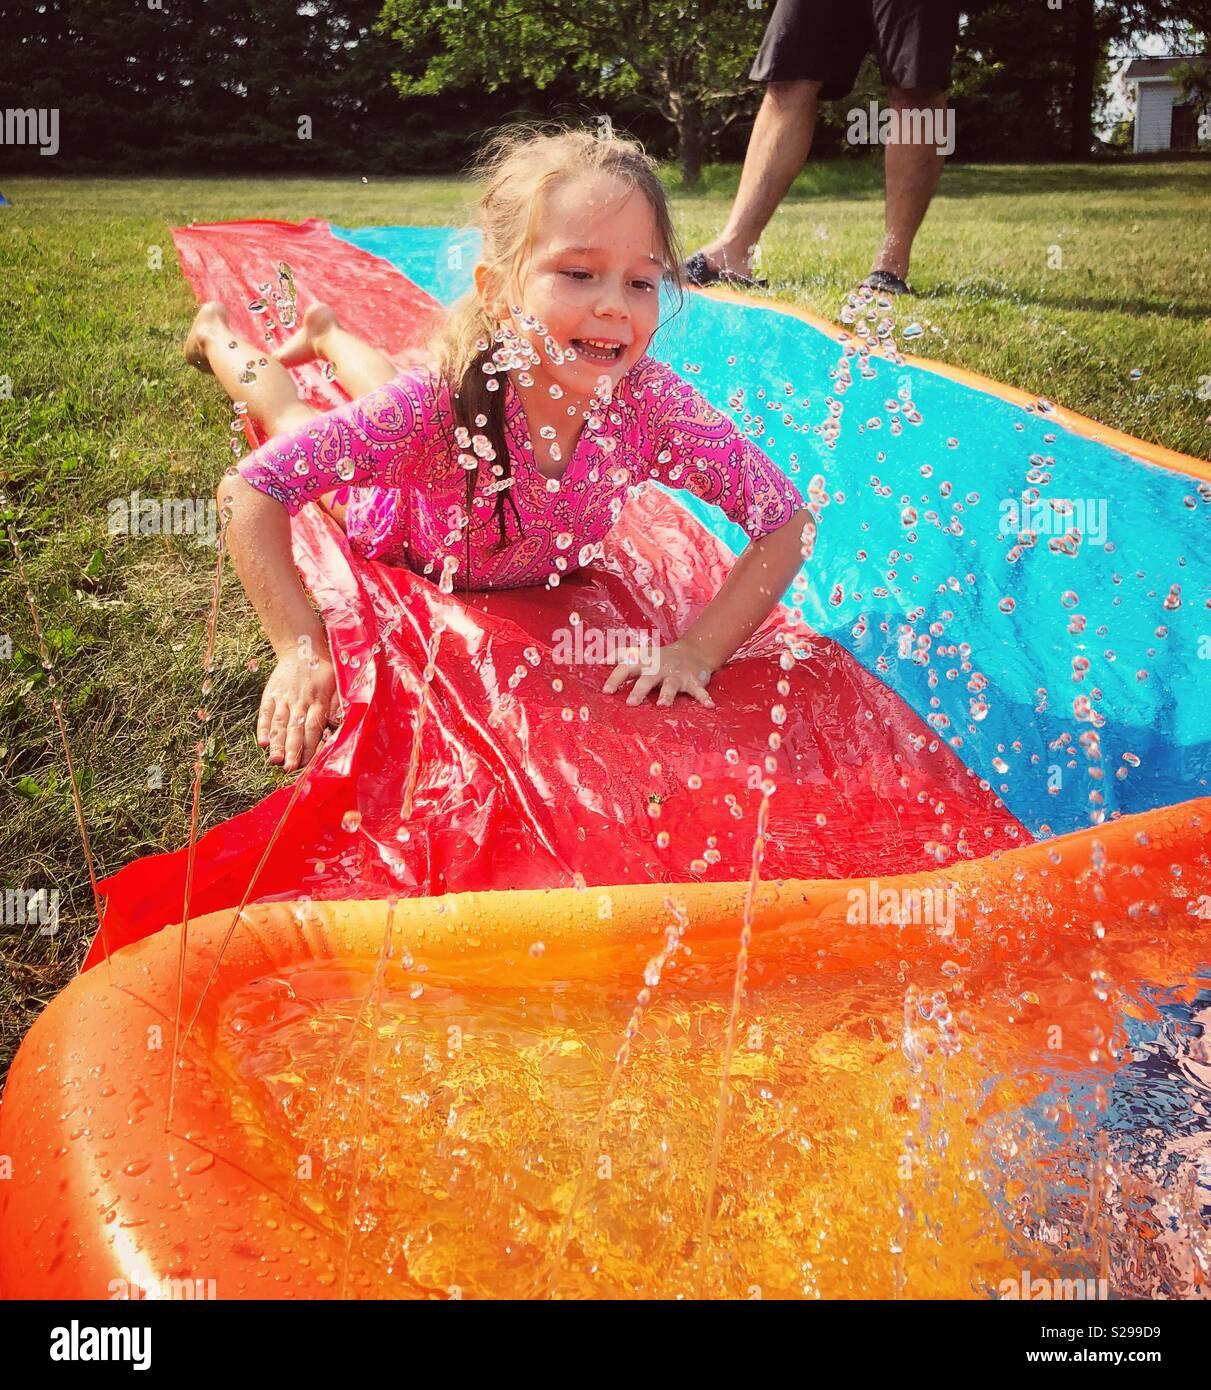 6 anno vecchia ragazza lo scorrimento verso il basso dell'acqua in plastica slitta sprinkler al di fuori del giocattolo Foto Stock